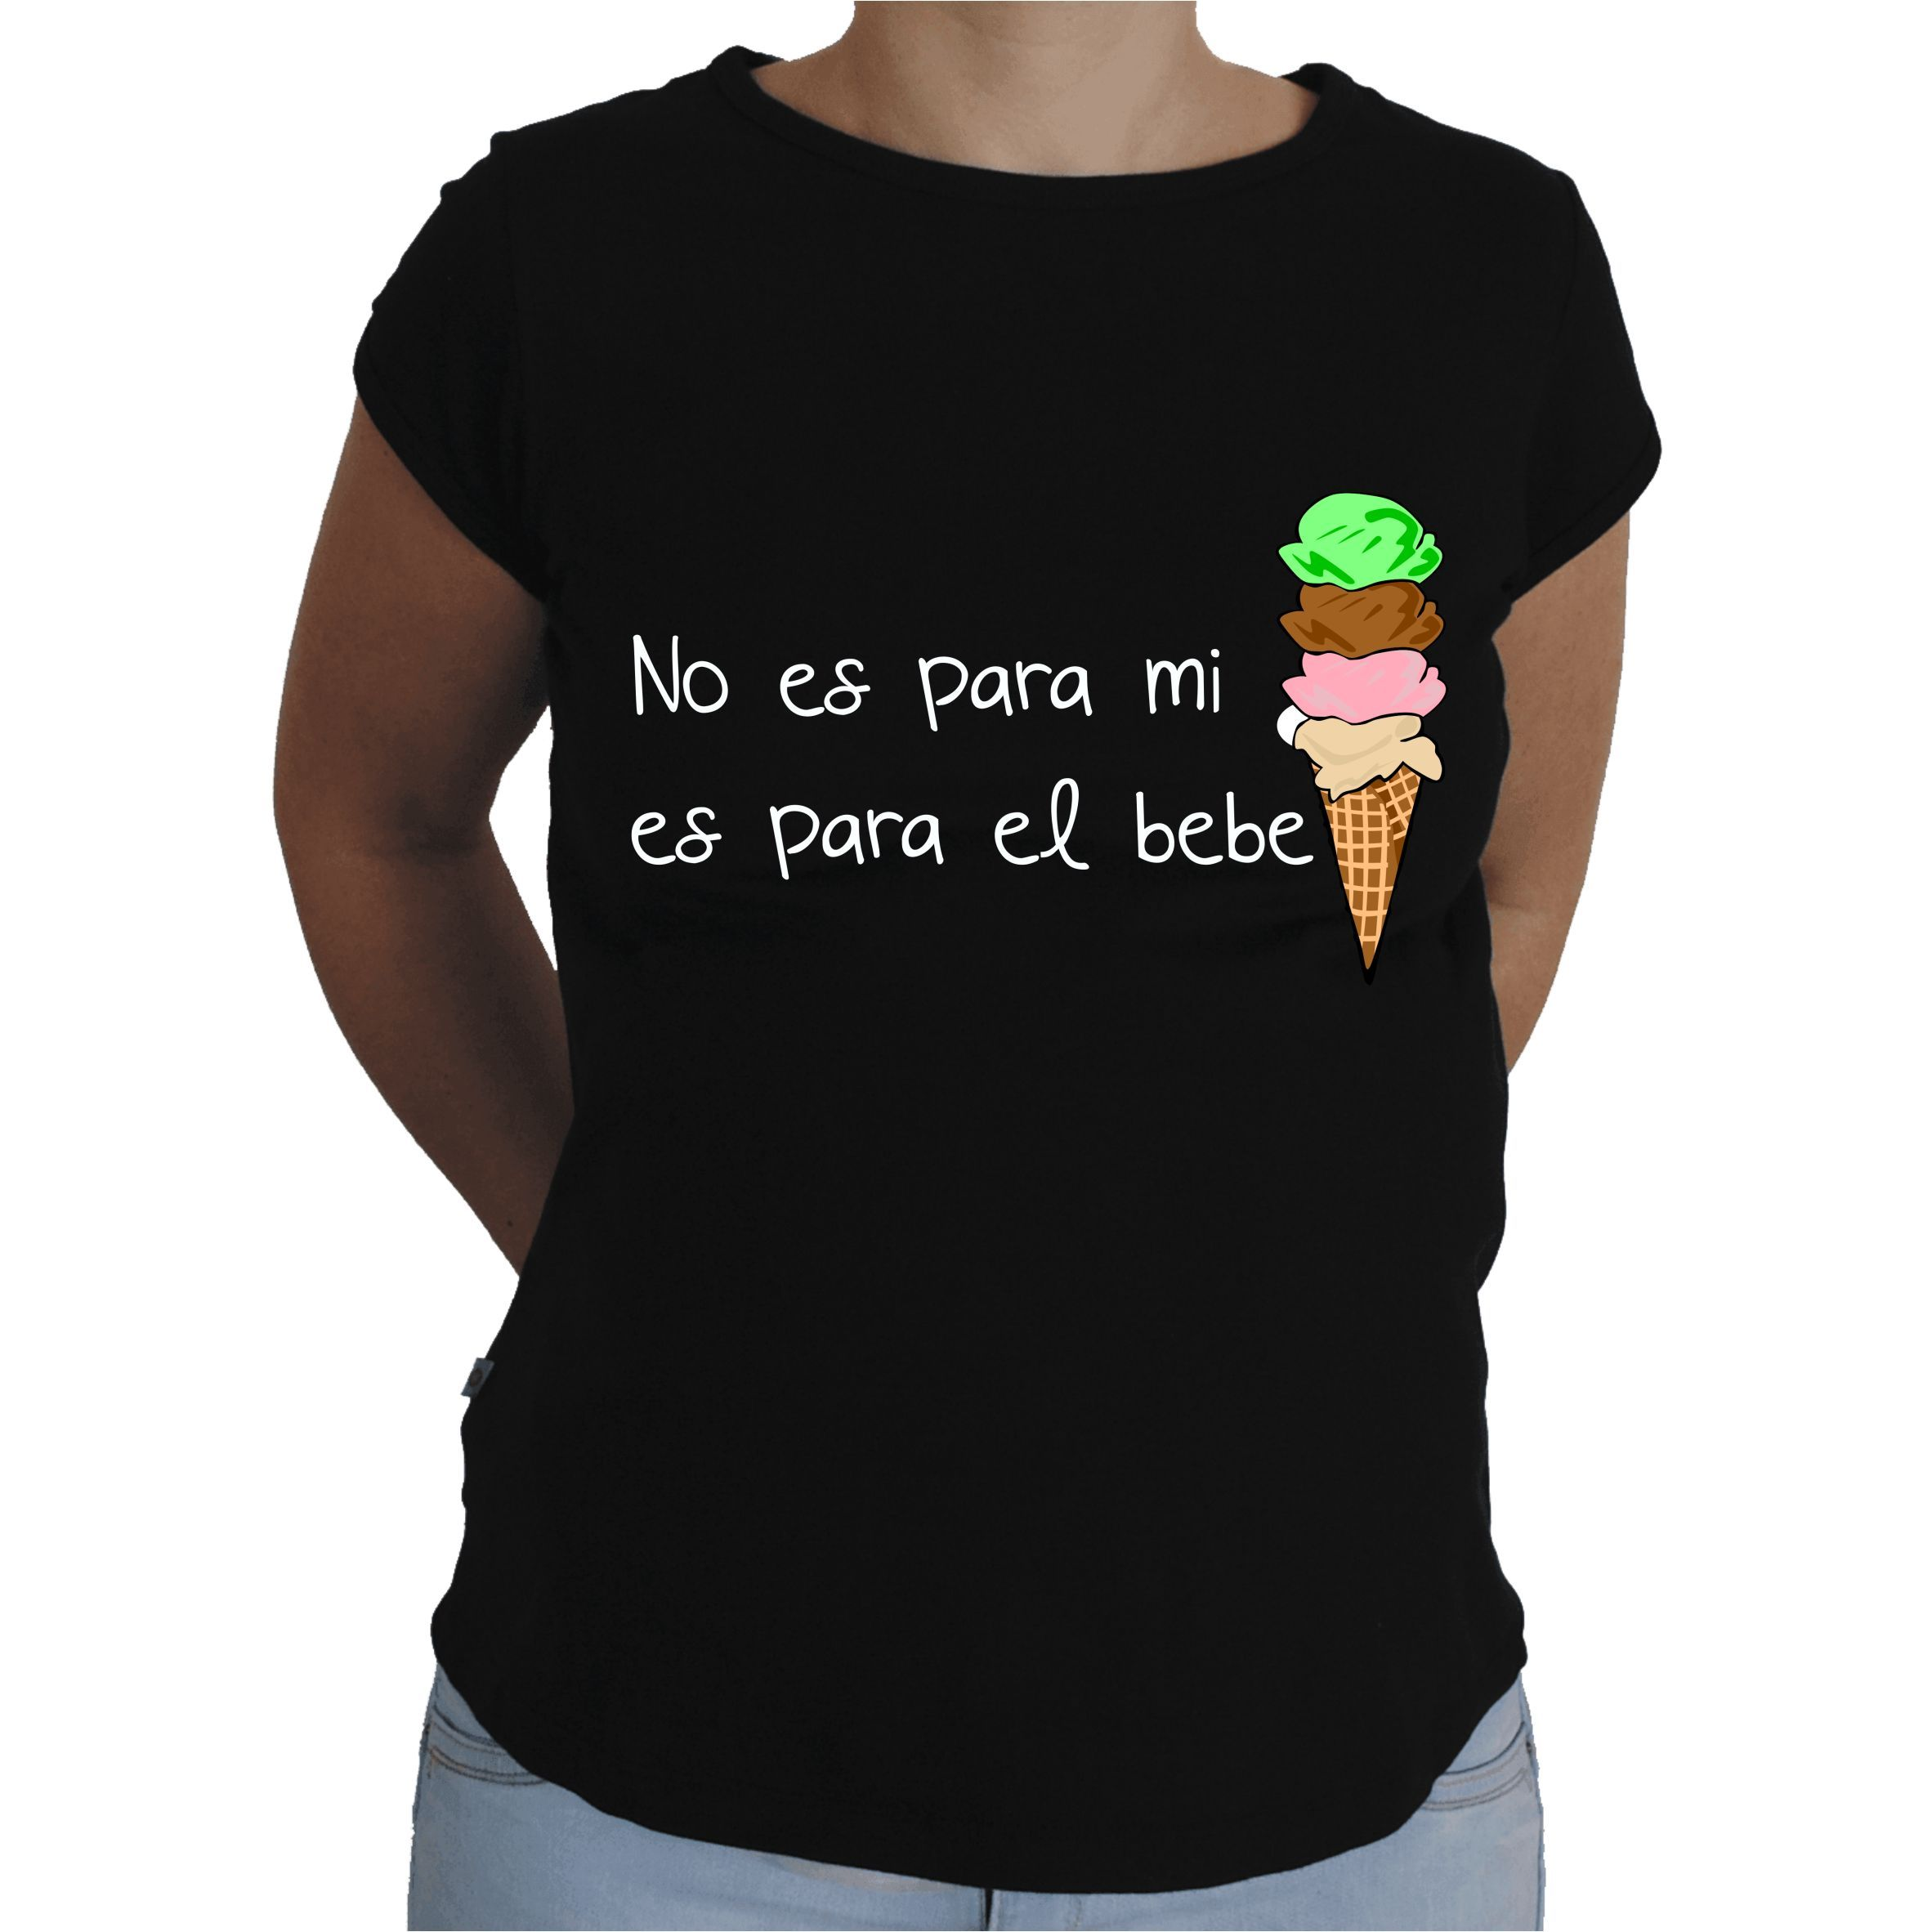 7c2b1fb7d Camiseta para embarazada Divertida - Helado.